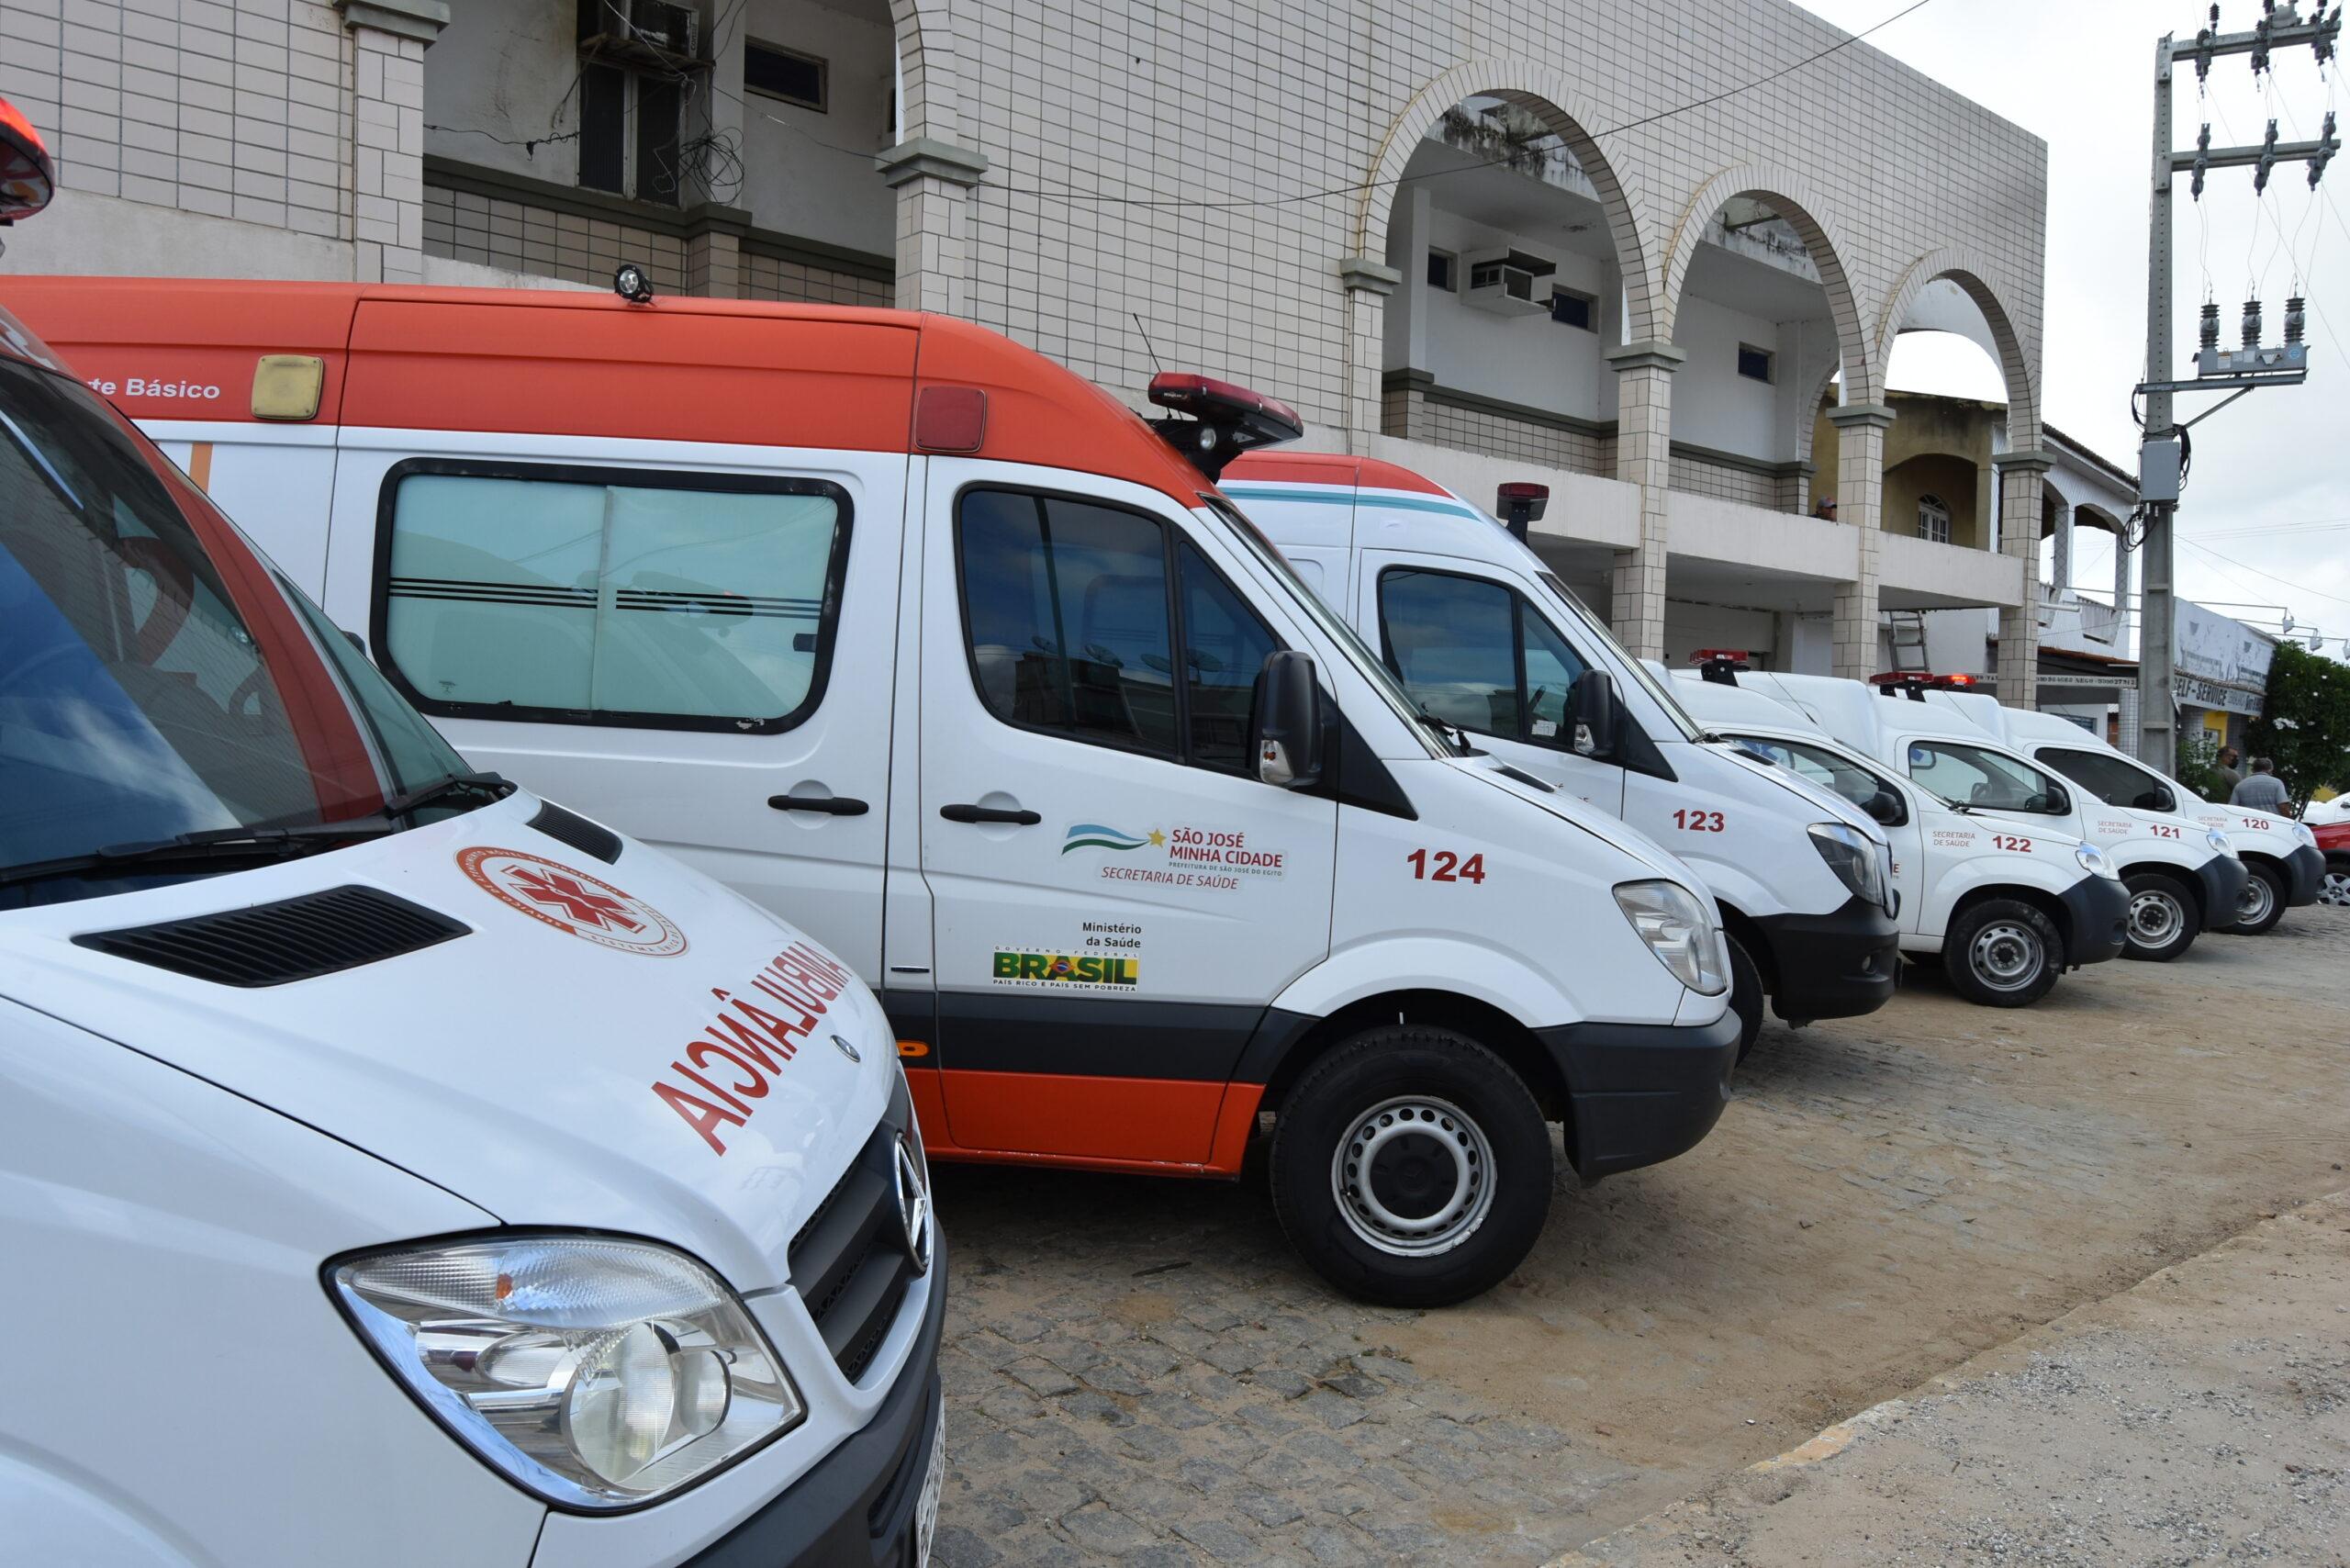 Prefeitura de SJE anuncia que dobrou frota de ambulâncias do município em 3 anos